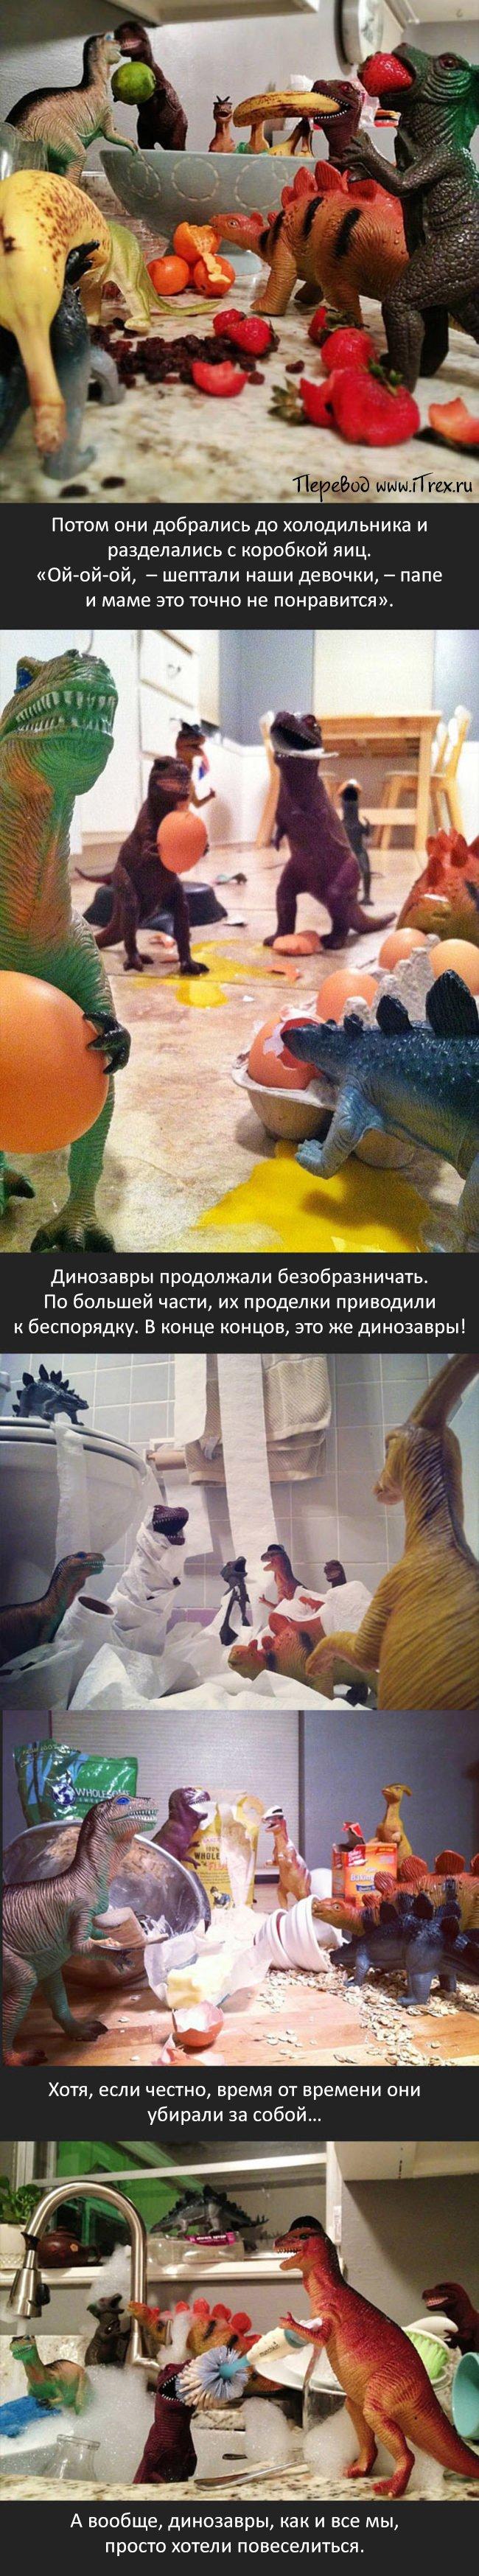 Перевод сделан в Бюро переводов iTrex, Москва: Родители разыграли детей